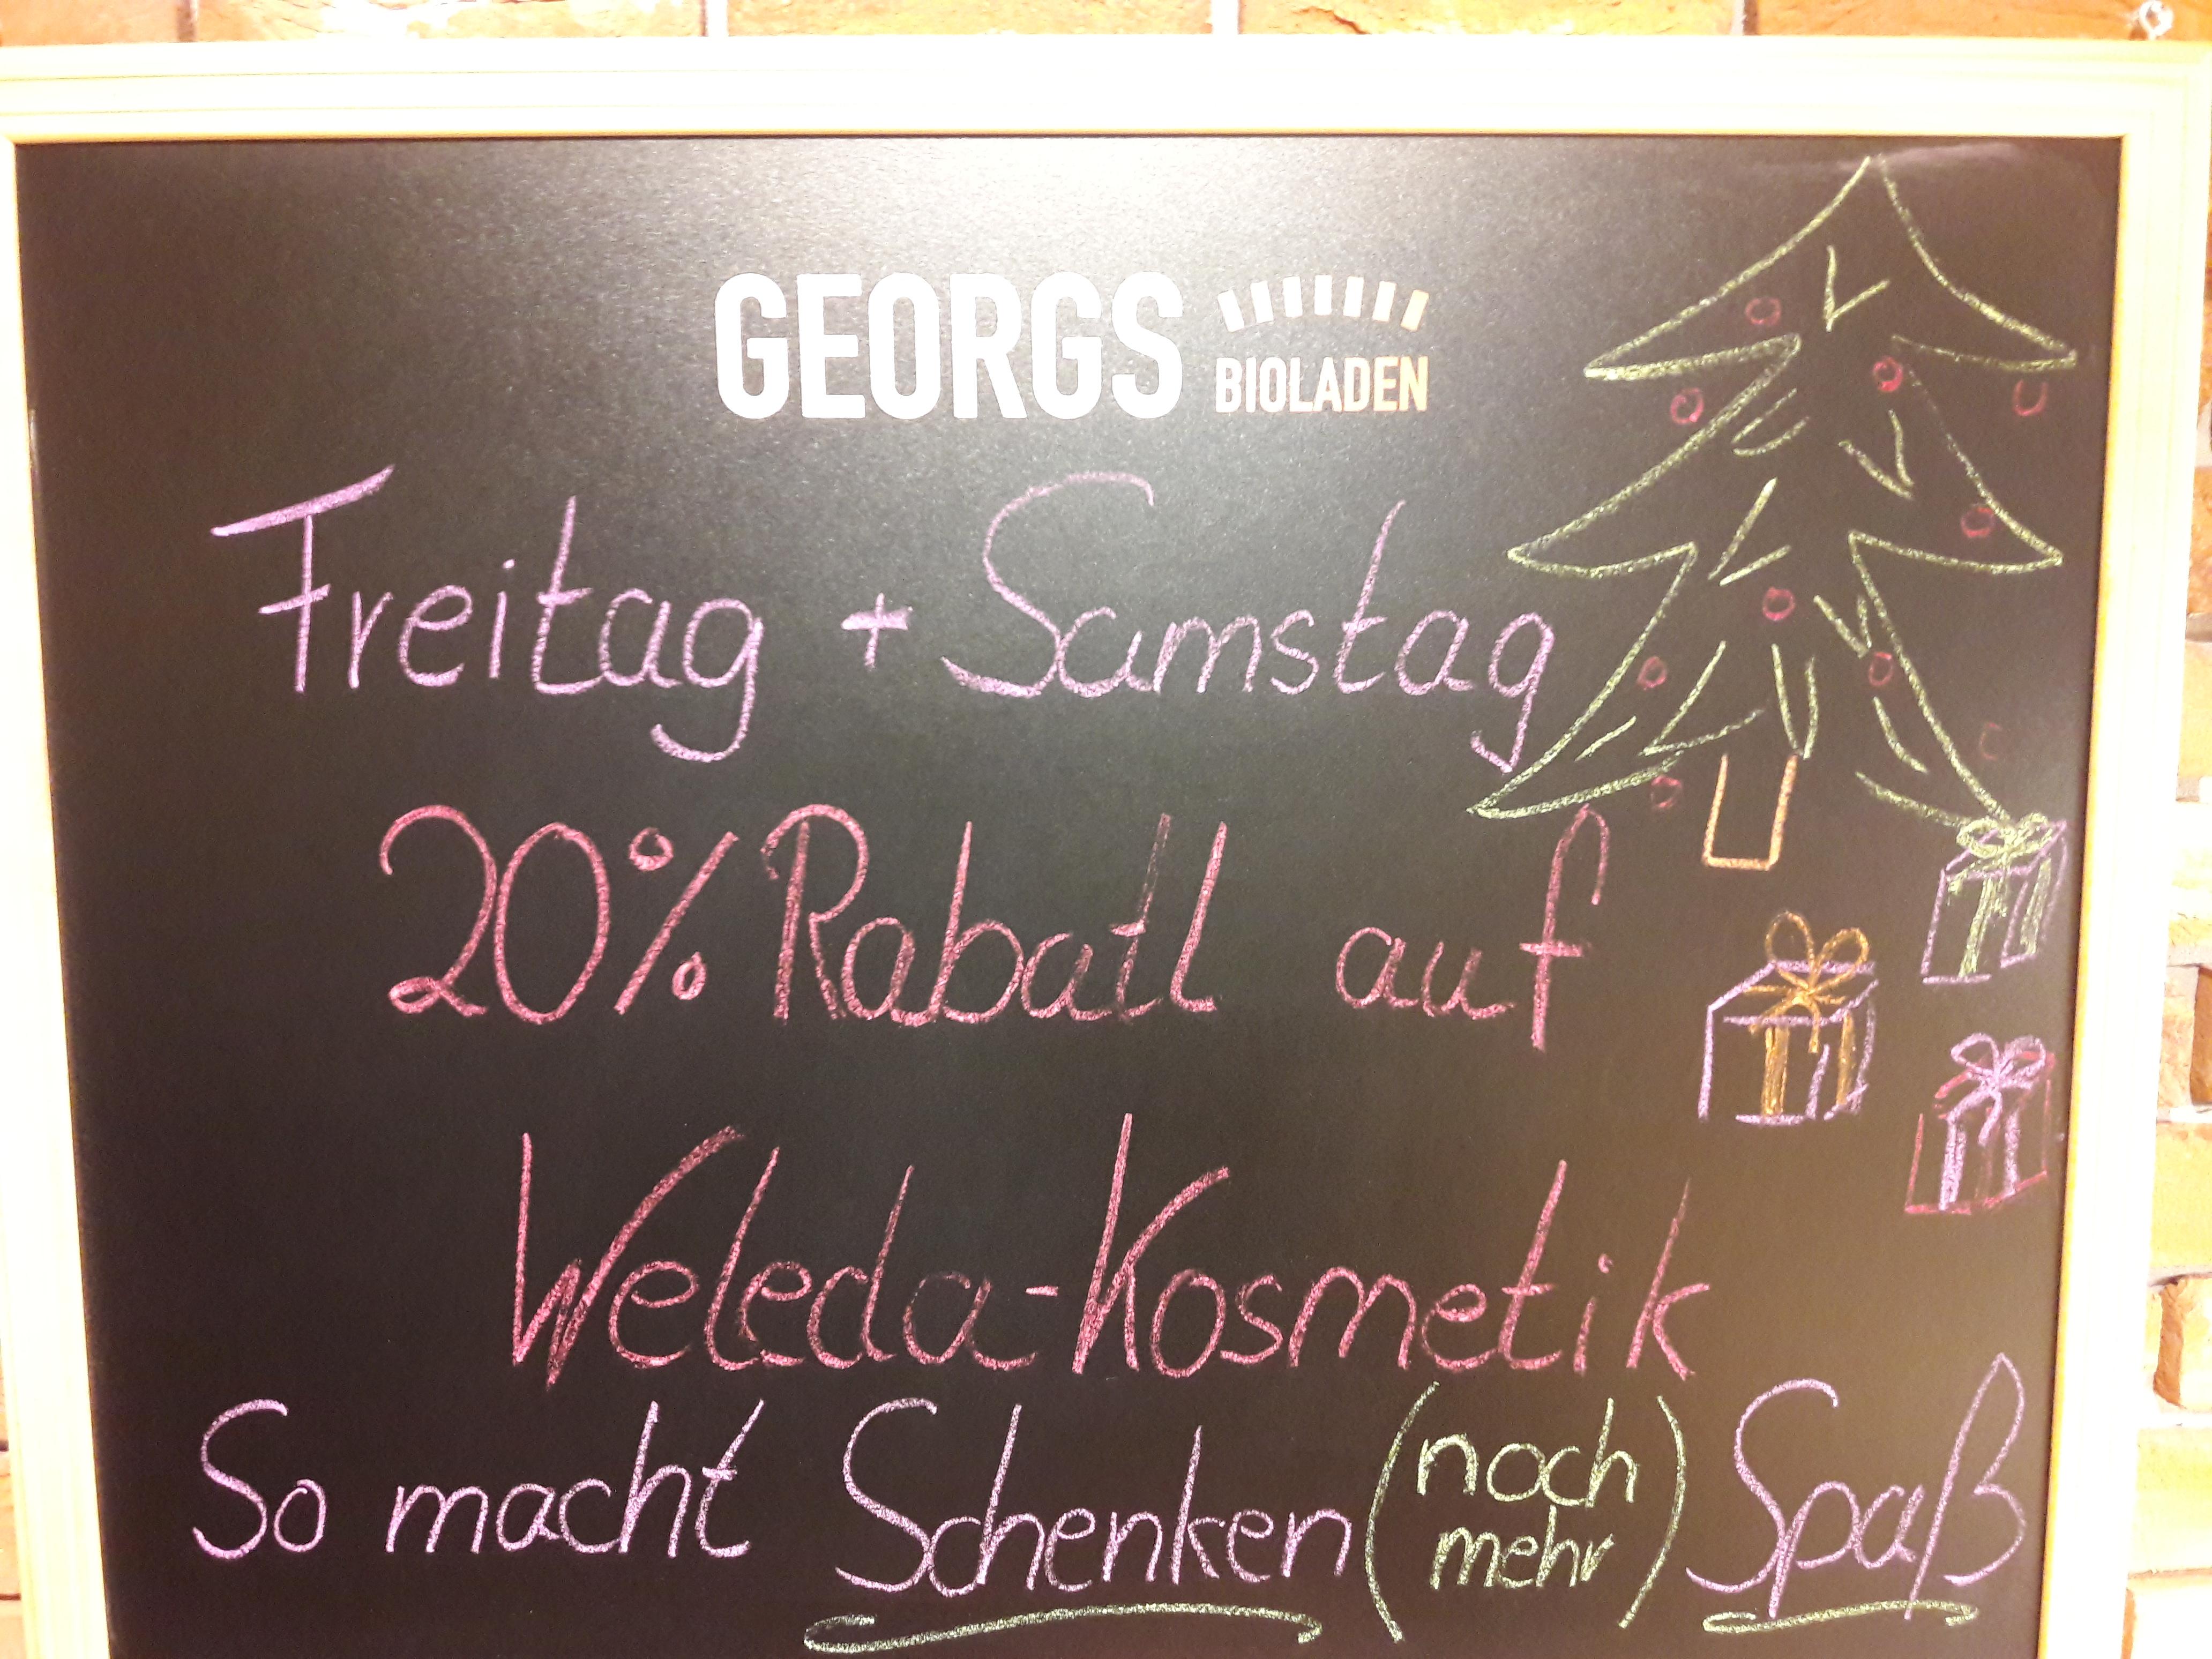 Tolle Geschenkideen von Weleda zu Weihnachten! Am Freitag, den 01. und Samstag, den 02. Dezember 2017 20% sparen!